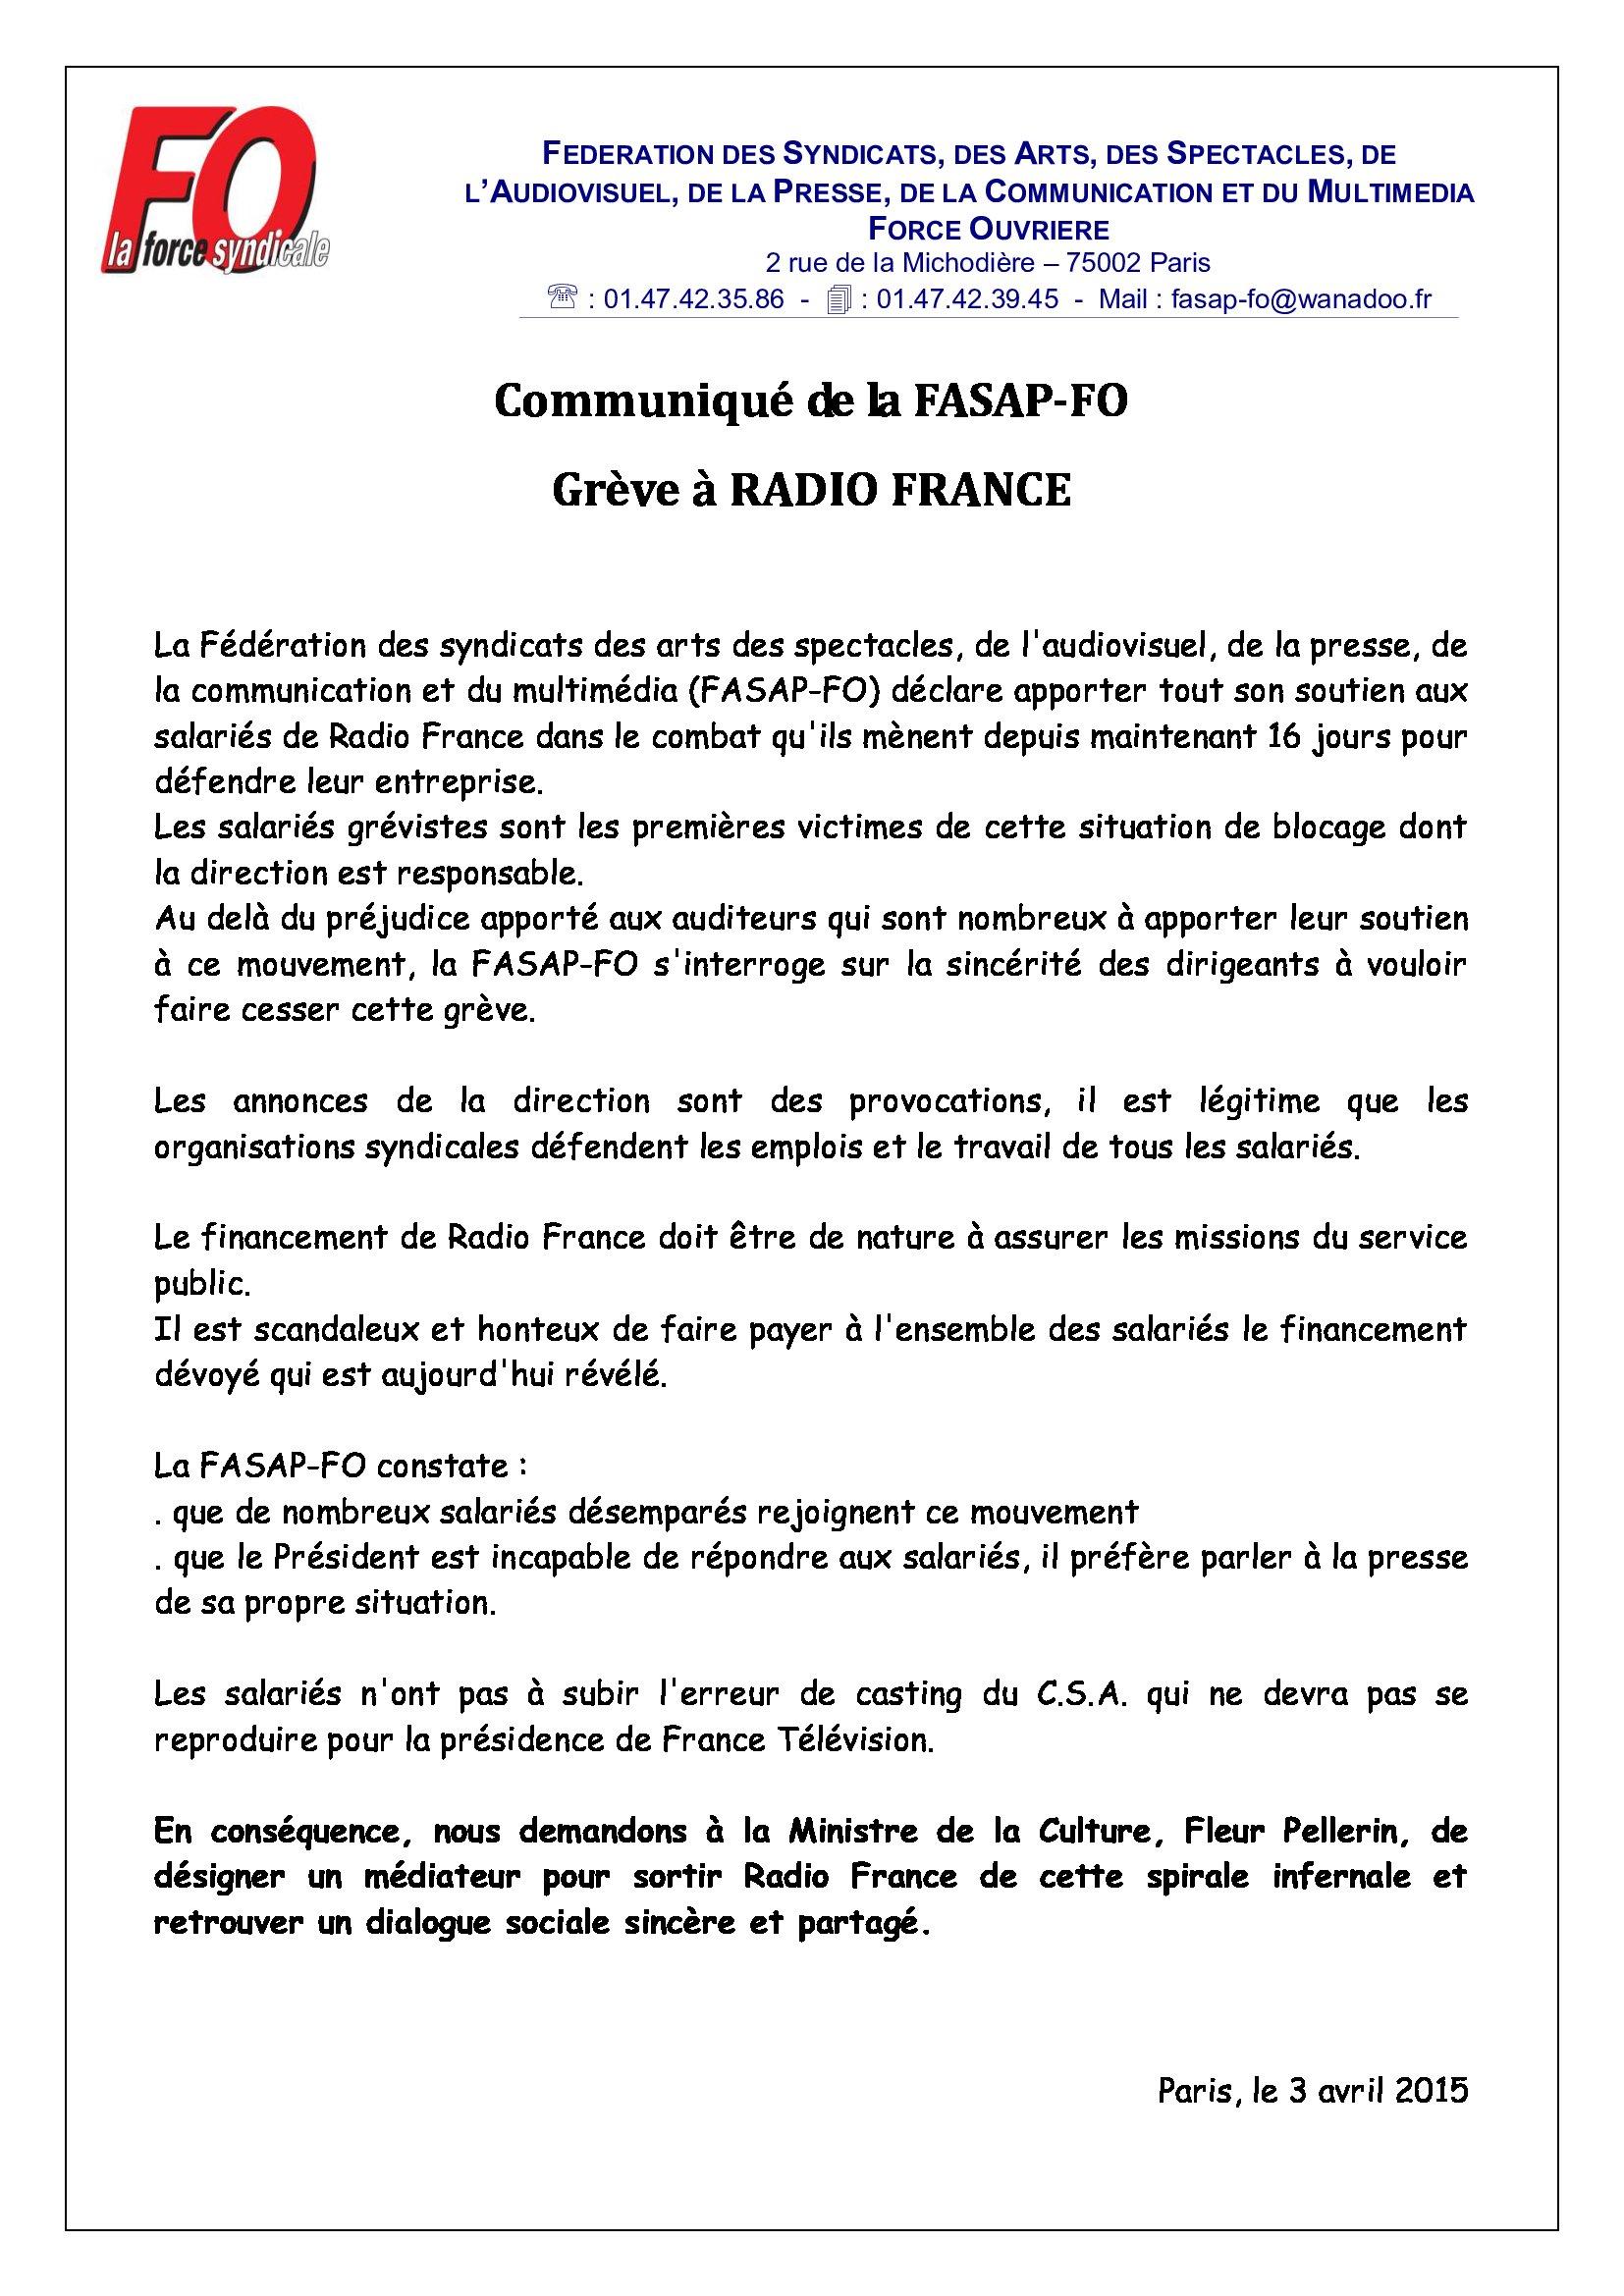 Communiqu_de_soutien_Radio_France_-_FASAP-FO_-_03_